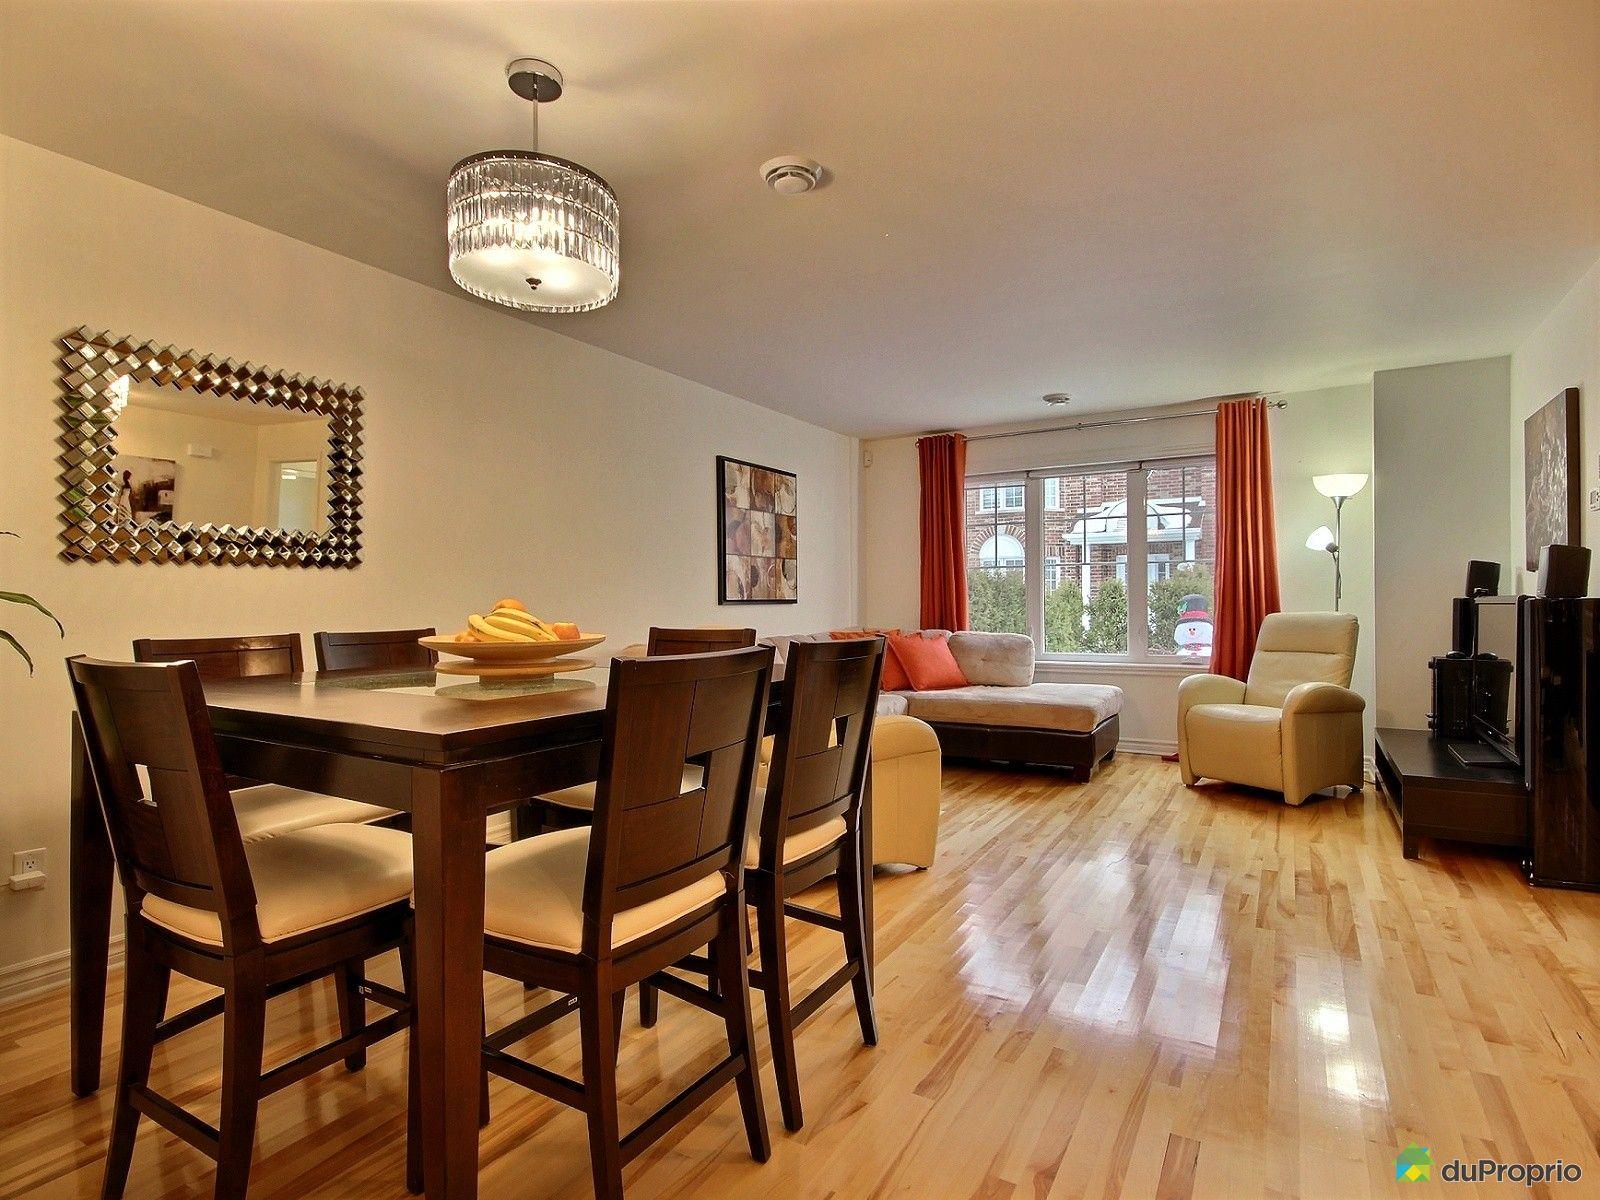 Maison vendre montr al 3557 rue des outardes immobilier qu bec duproprio 678602 - Piscine st laurent de chamousset ...